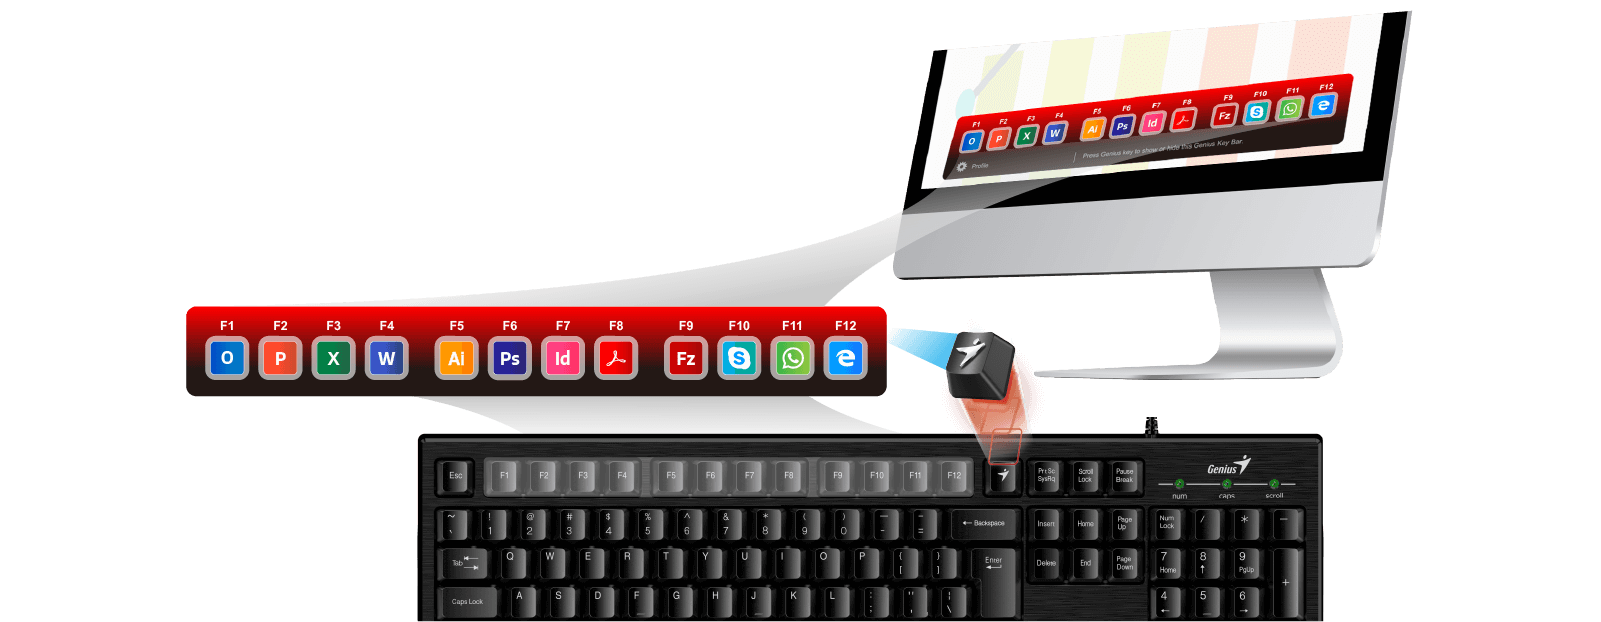 Genius Smart keyboard with Genius Key - Smart KB-101